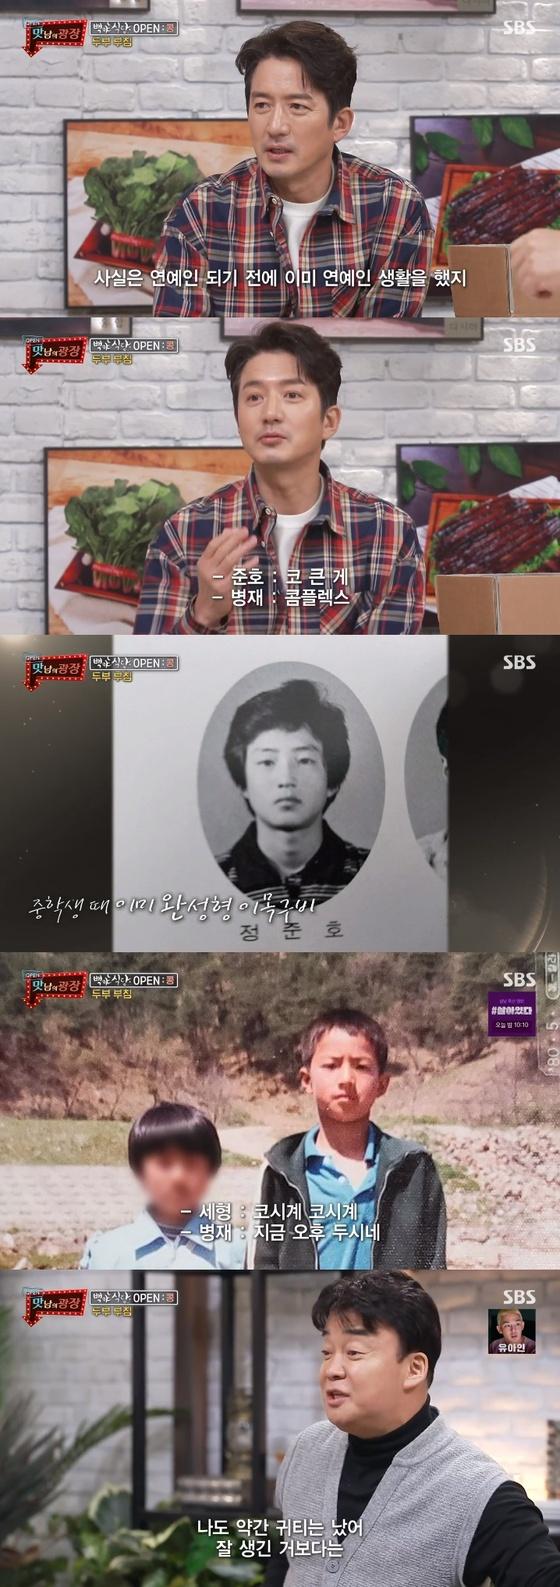 '선량의 광장'정준호 '미남이라 인기가 많았다'… 백종원 질투?